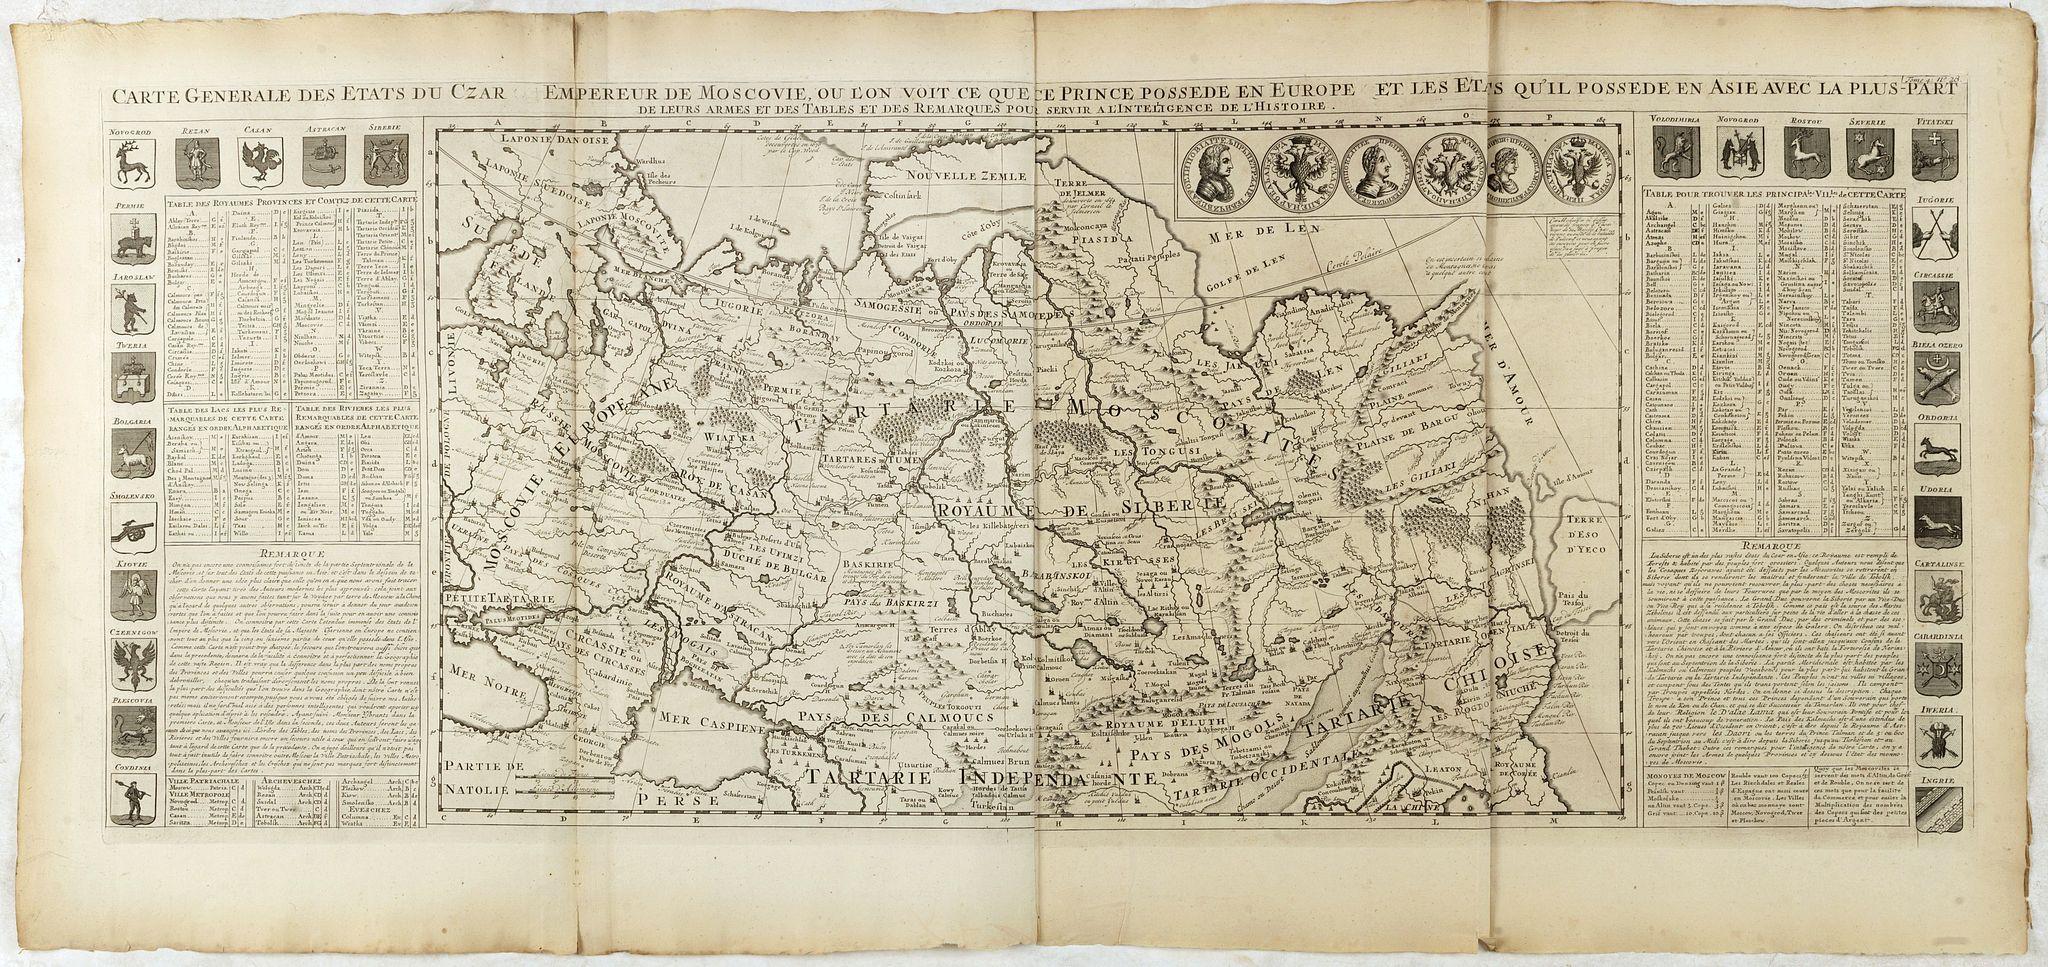 CHATELAIN, H. -  Carte générale des états du Czar Empereur de Moscovie ou l'on voit . . .